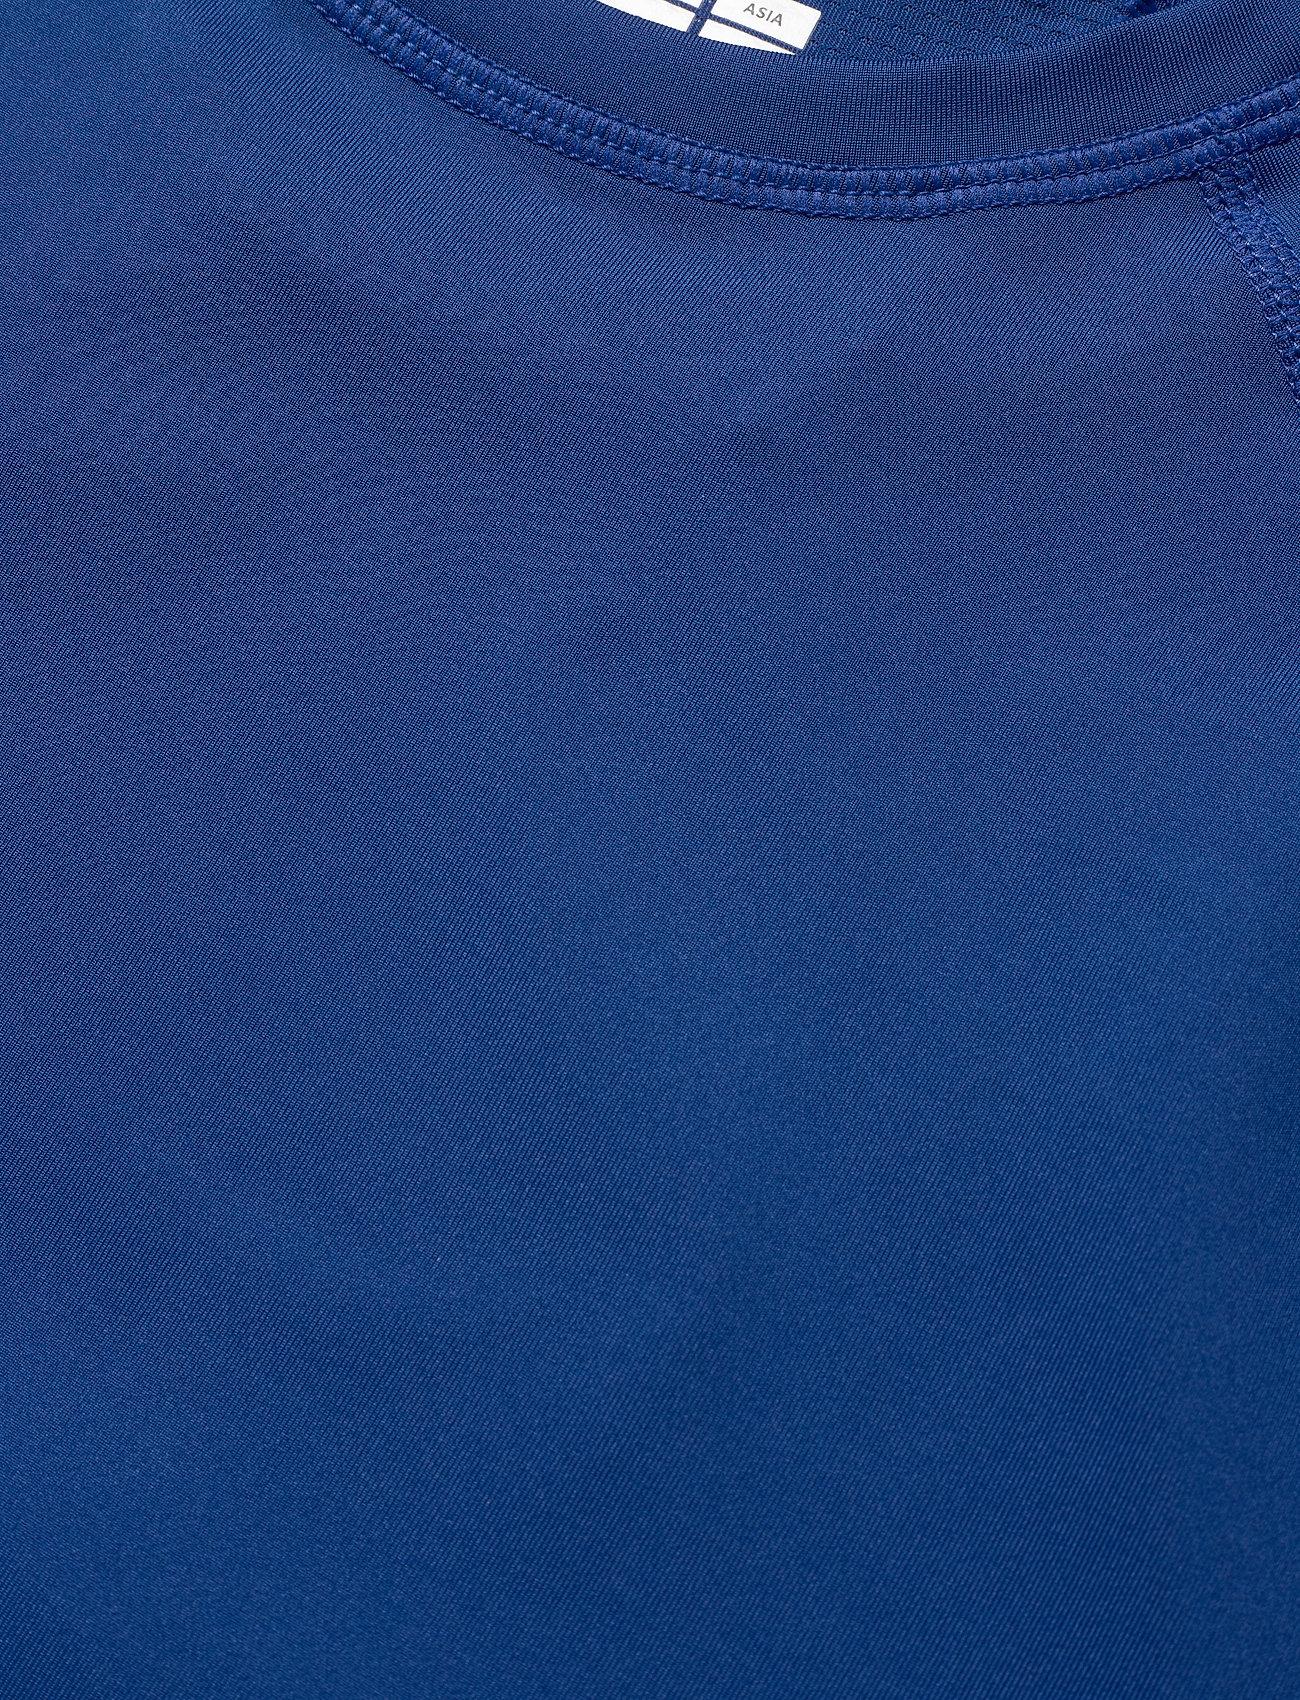 Hummel HML FIRST PERFORMANCE JERSEY S/S - T-skjorter TRUE BLUE - Menn Klær